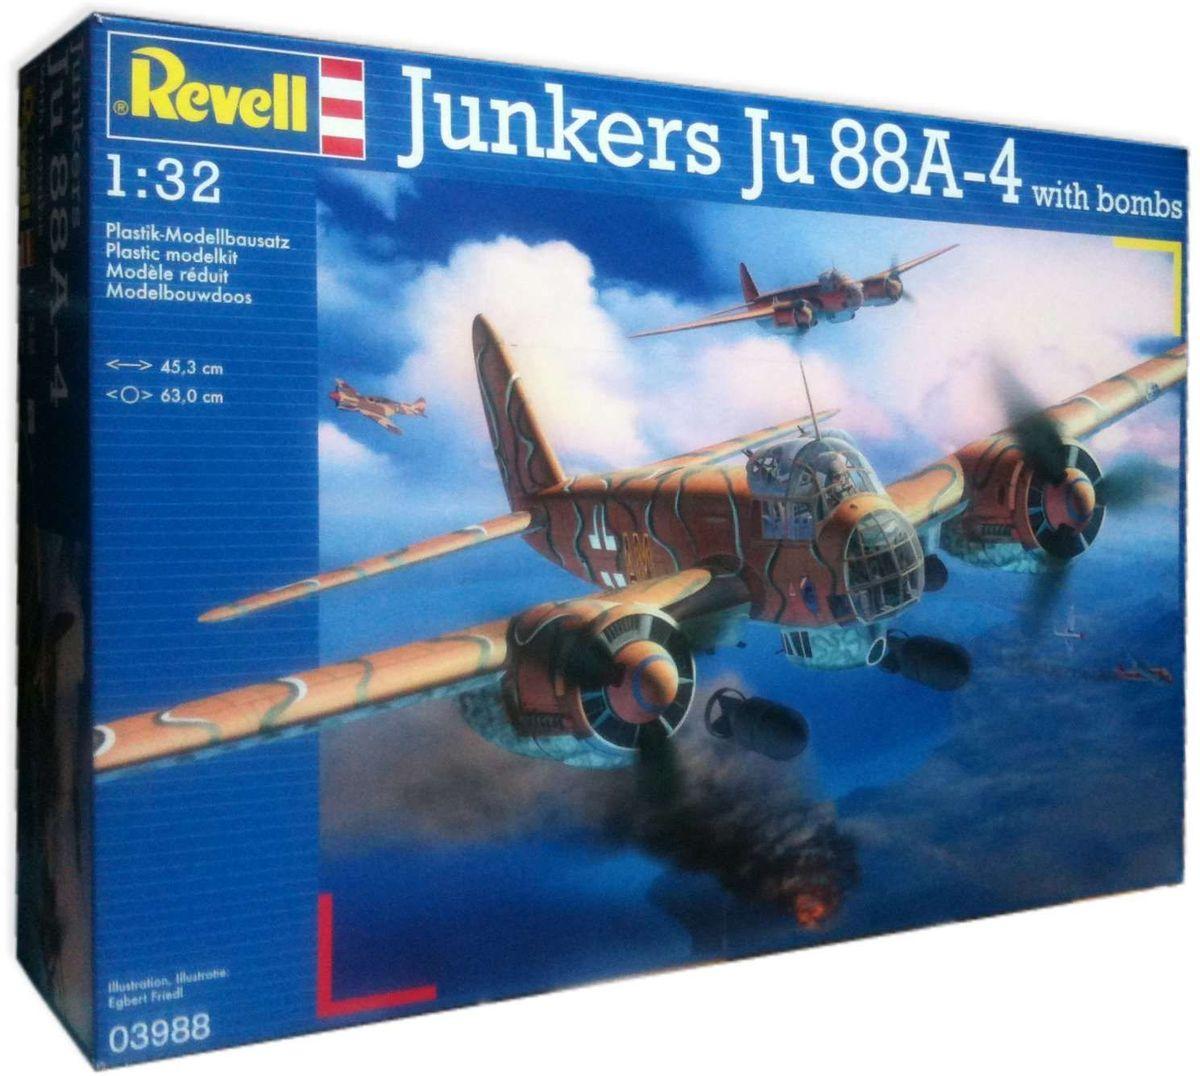 Revell Сборная модель Бомбардировщик Junkers Ju 88A-4 с бомбами03988RС помощью сборной модели Revell Бомбардировщик Junkers Ju 88A-4 с бомбами вы и ваш ребенок сможете собрать уменьшенную копию одноименного самолета. Набор включает в себя 380 пластиковых элементов для сборки, а также схематичную инструкцию и бомбы для самолета. Немецкий многоцелевой самолет Ju 88 A4/D-1 широко применялся в ходе Второй мировой войны. Использовался как бомбардировщик, разведчик, торпедоносец и ночной истребитель. За шесть лет было выпущено около 15 тысяч машин. При разработке модификации A4 были учтены все недочеты предыдущих версий. Новый Ju 88 стал грозной боевой машиной. Кроме того эта версия обзавелась более мощными двигателями. Процесс сборки развивает интеллектуальные и инструментальные способности, воображение и конструктивное мышление, а также прививает практические навыки работы со схемами и чертежами. Уровень сложности: 5. УВАЖАЕМЫЕ КЛИЕНТЫ! Обращаем ваше внимание на тот факт, что элементы для сборки не покрашены. Клей и...